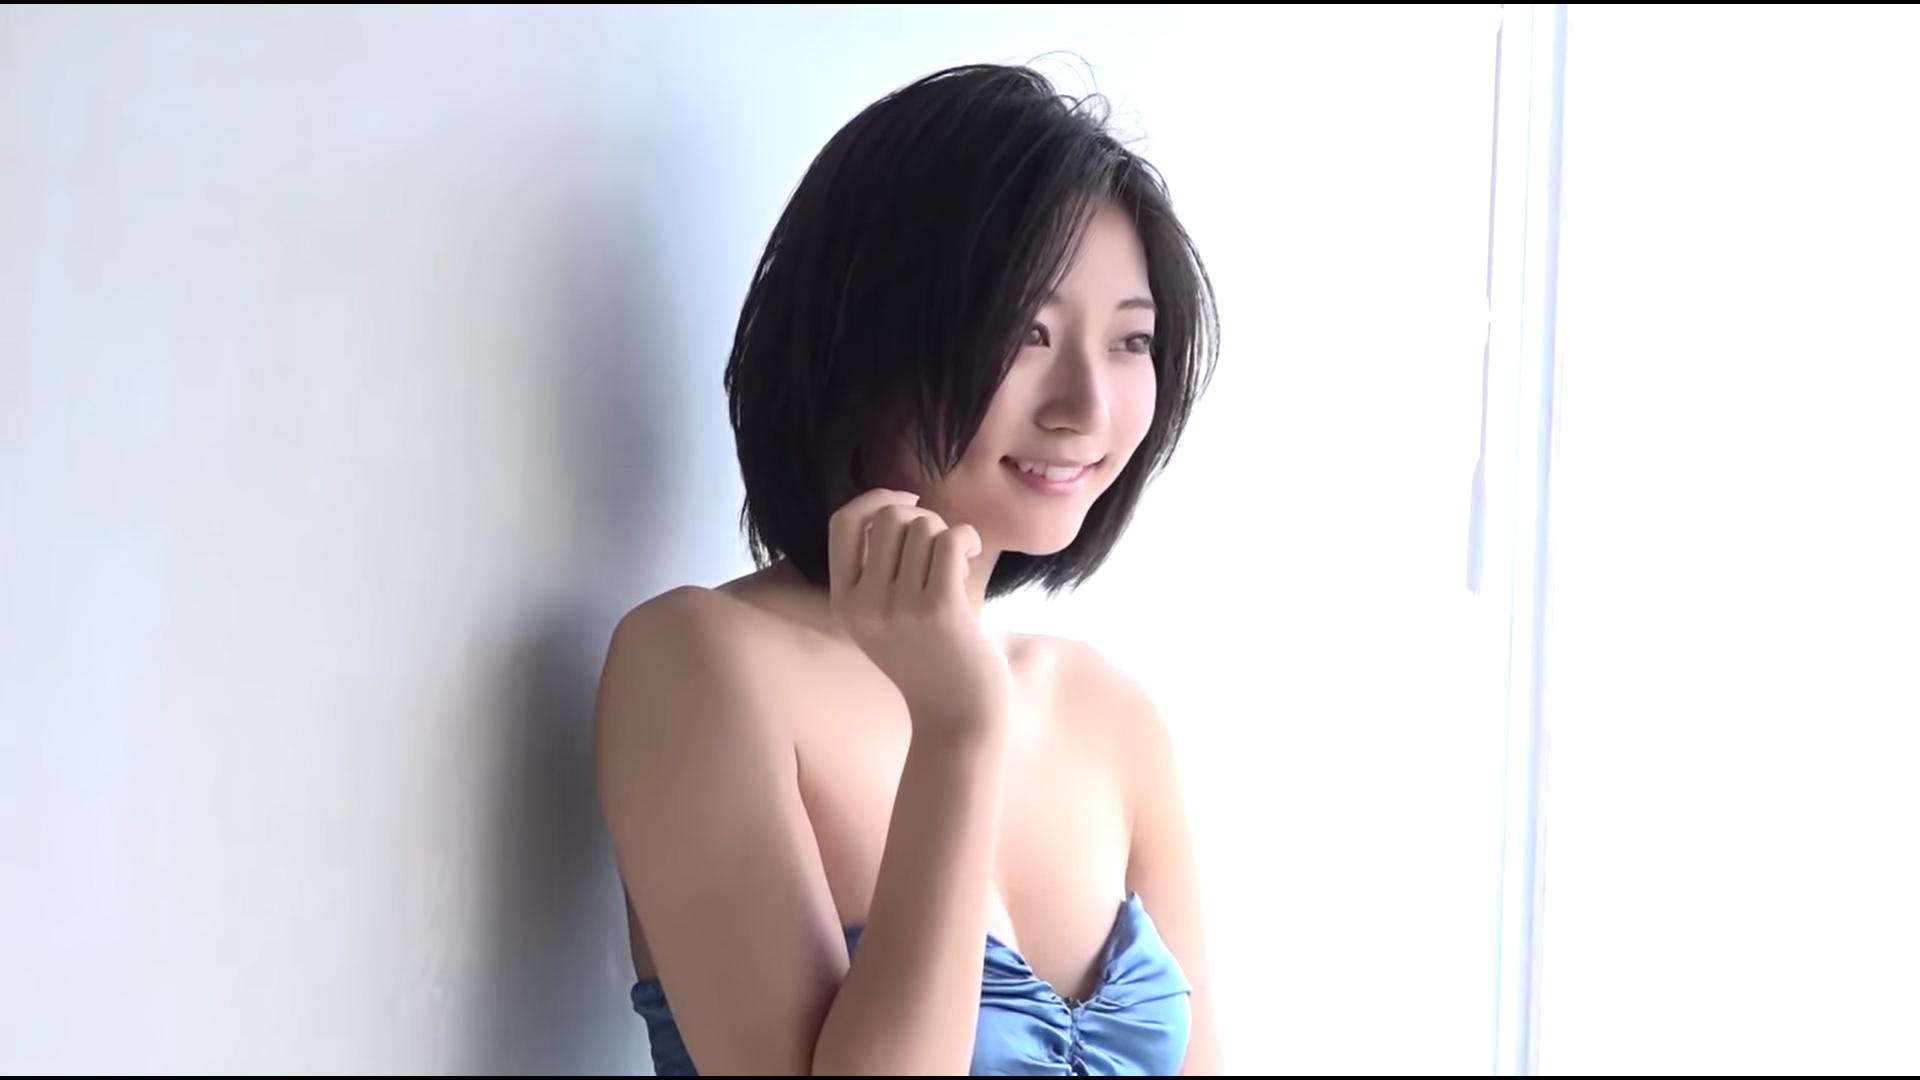 無【武田玲奈】-カップ5 セクシードレス姿&艶美な濡れ姿!